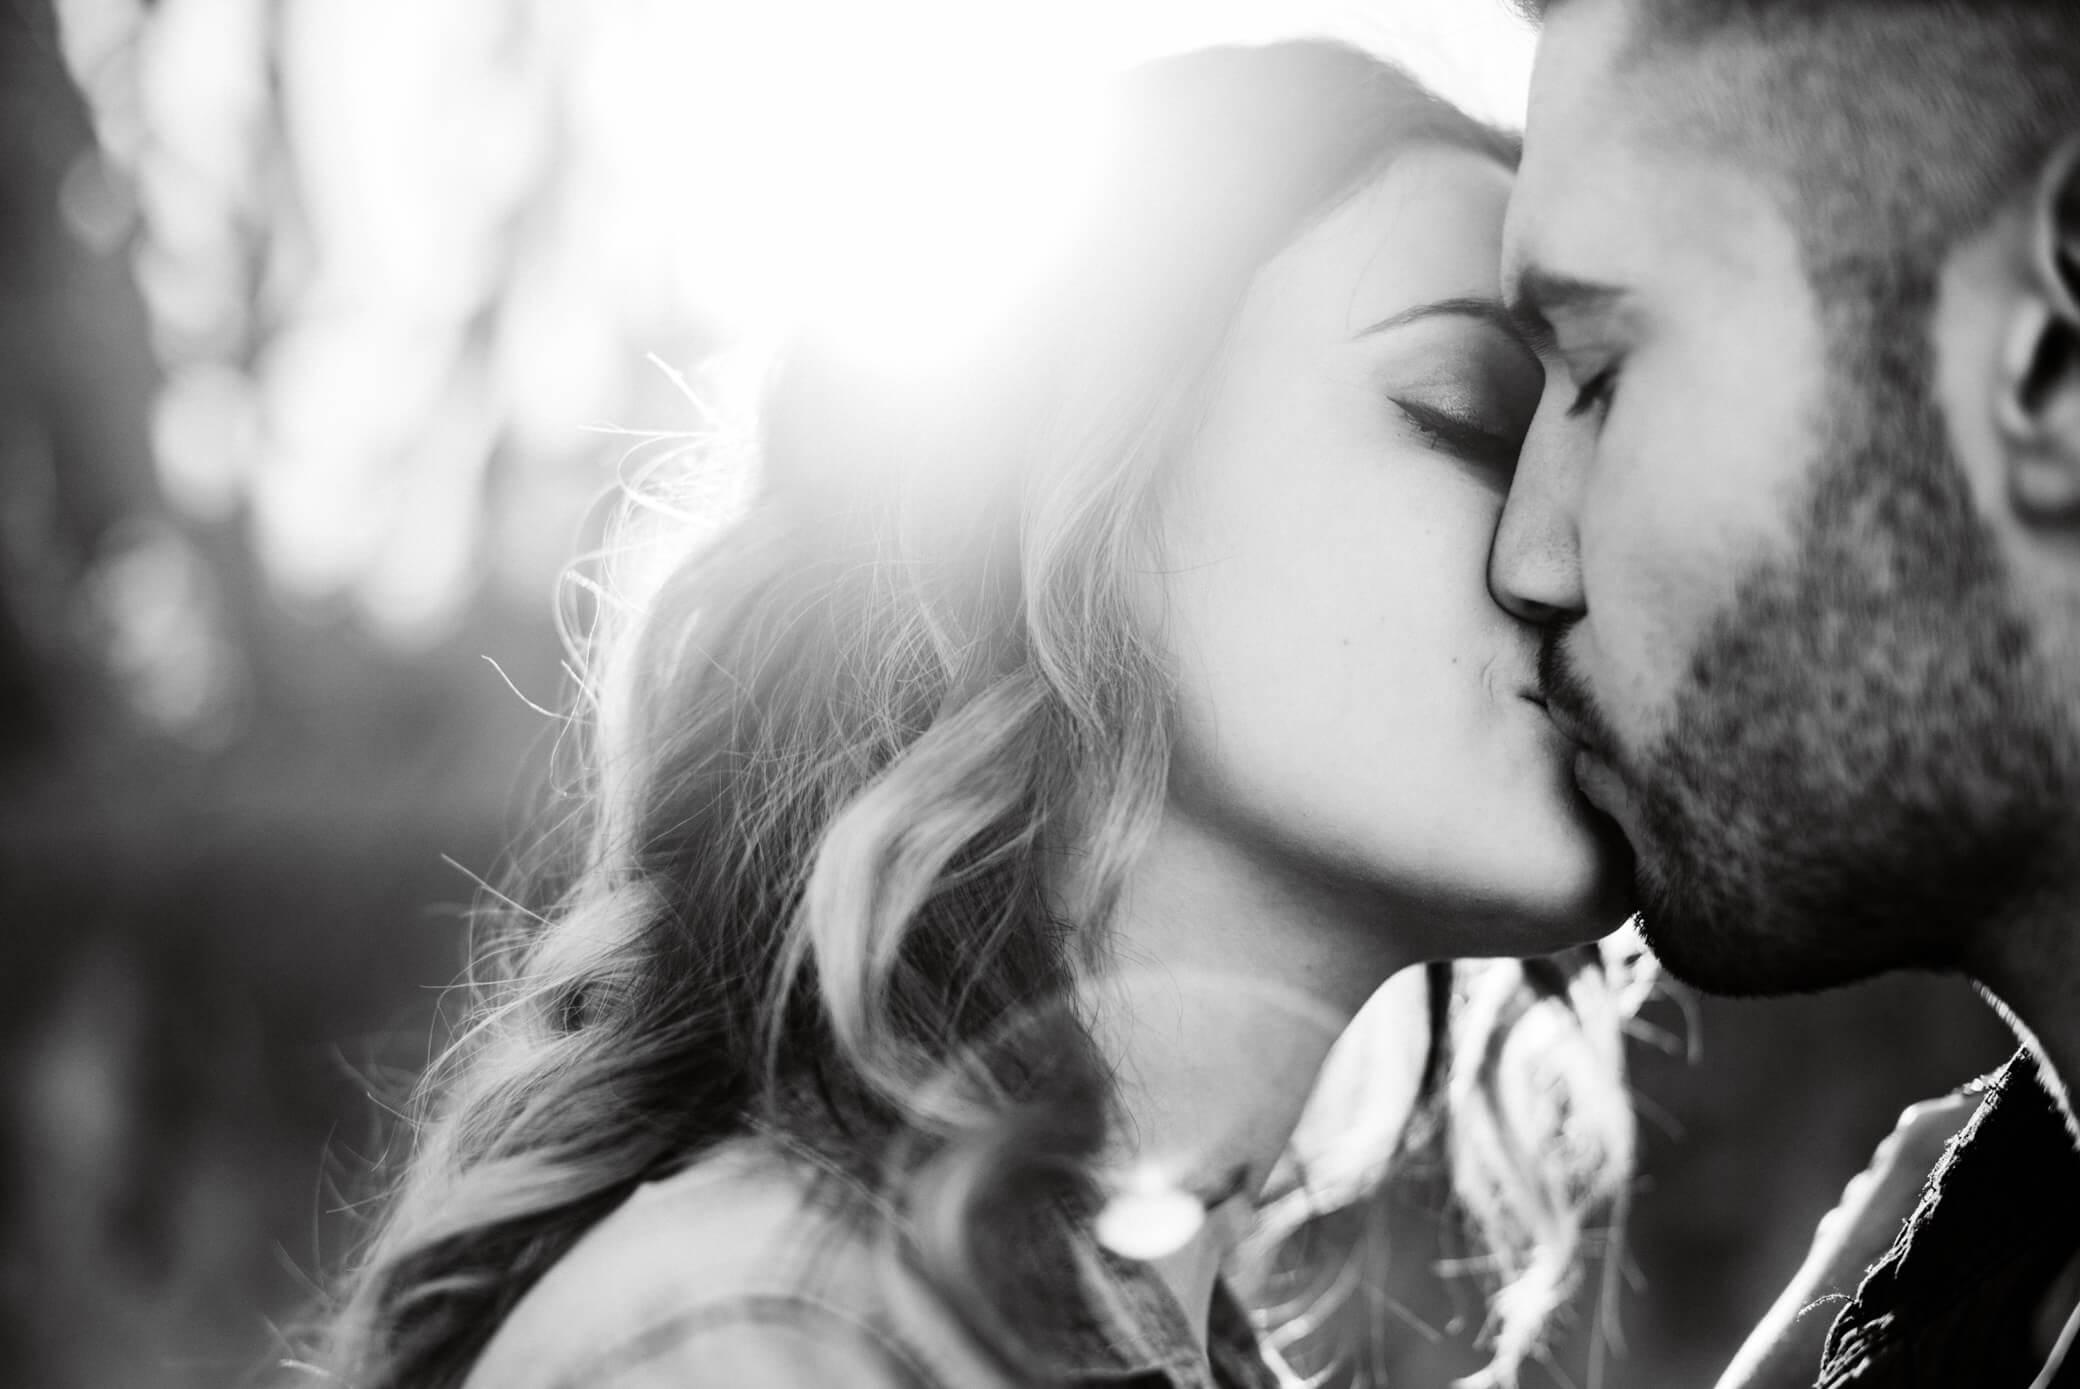 comment-reussir-vos-photos-de-couple-contre-jour-baiser-noir-blanc